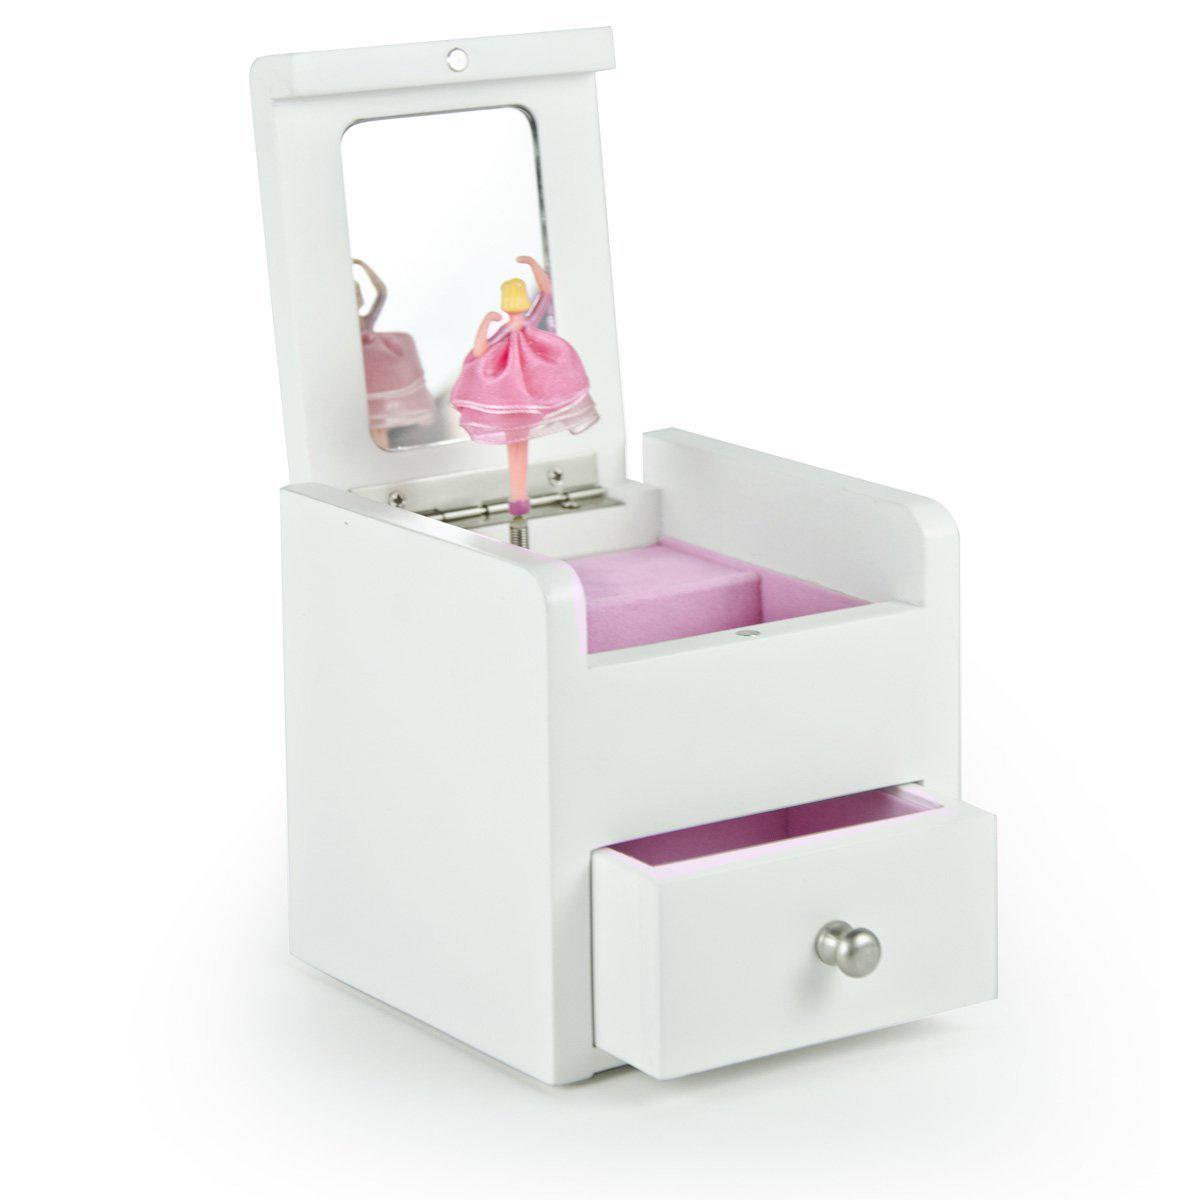 Cute White Pink Interior Mirrored Girls Jewelry Box